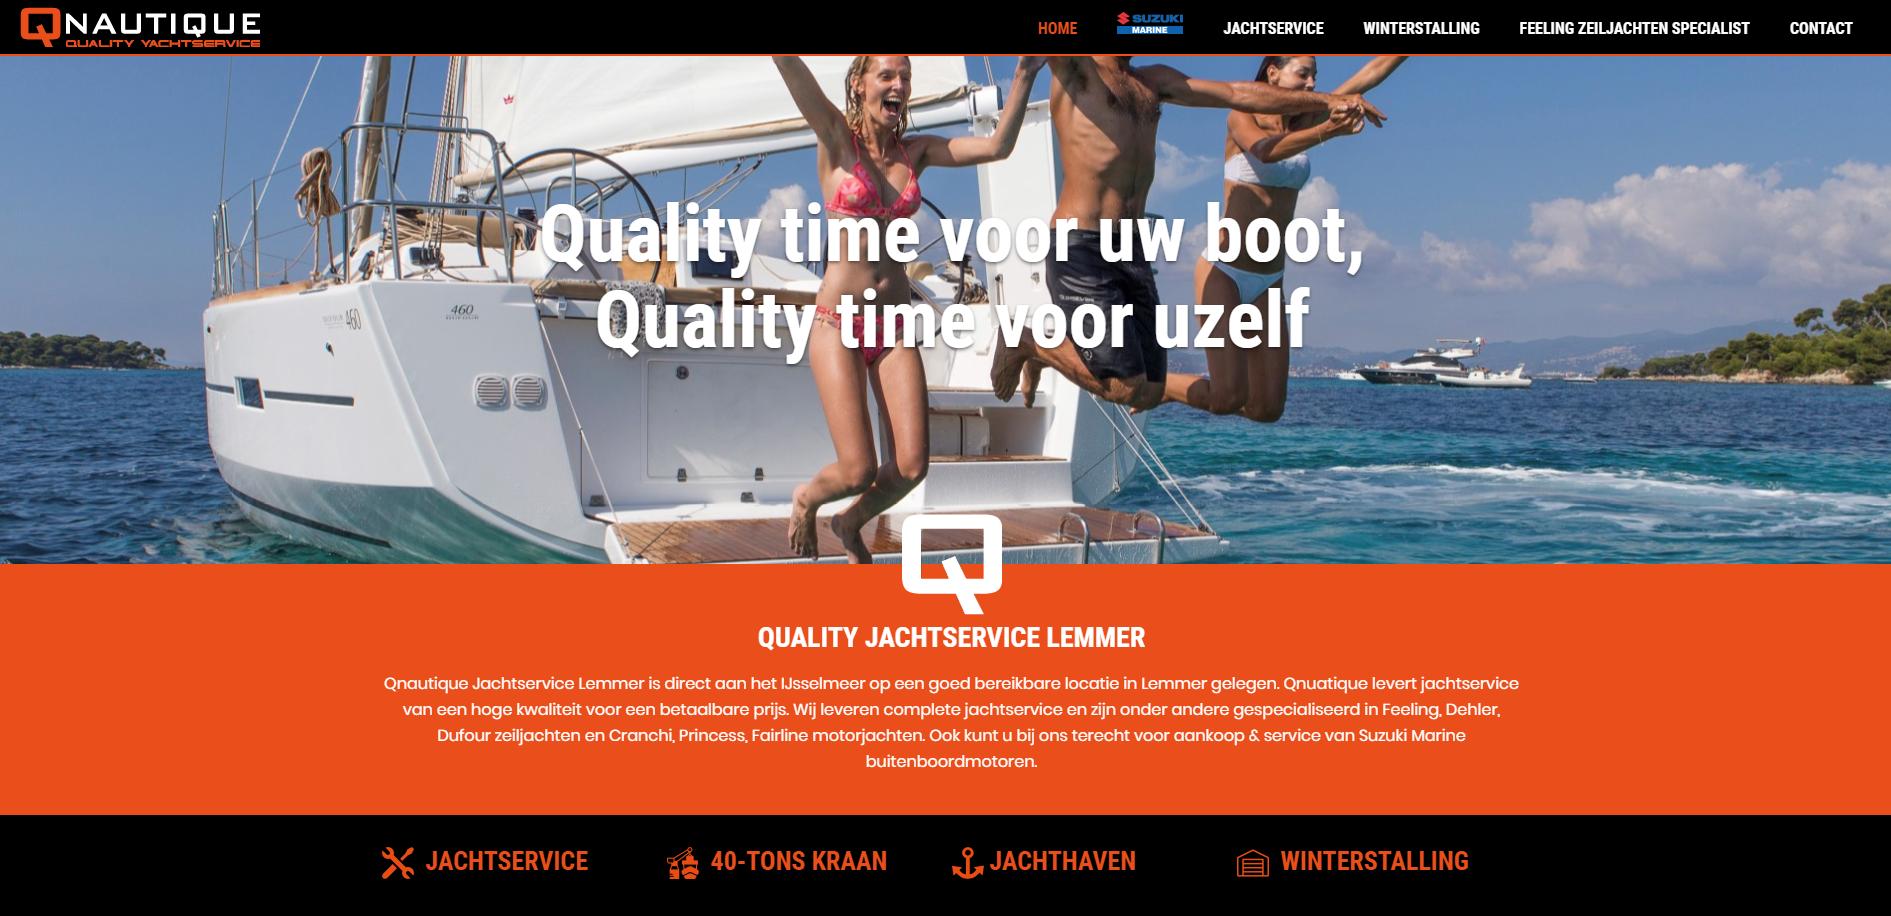 Jachtservice Lemmer / Qnautic